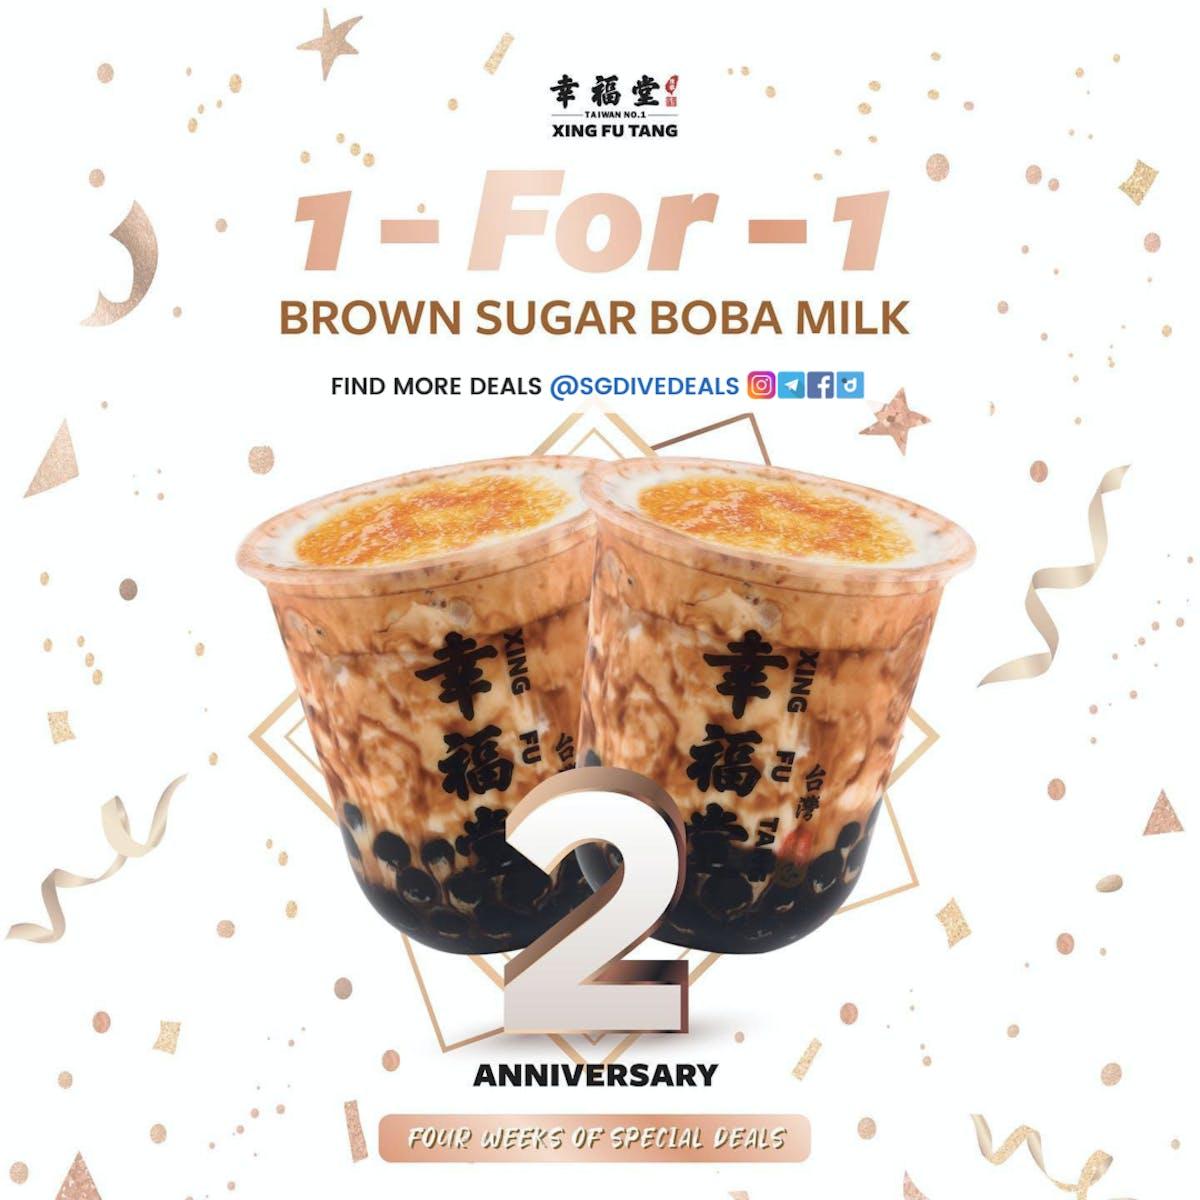 1-FOR-1 brown sugar boba milk Xing Fu Tang